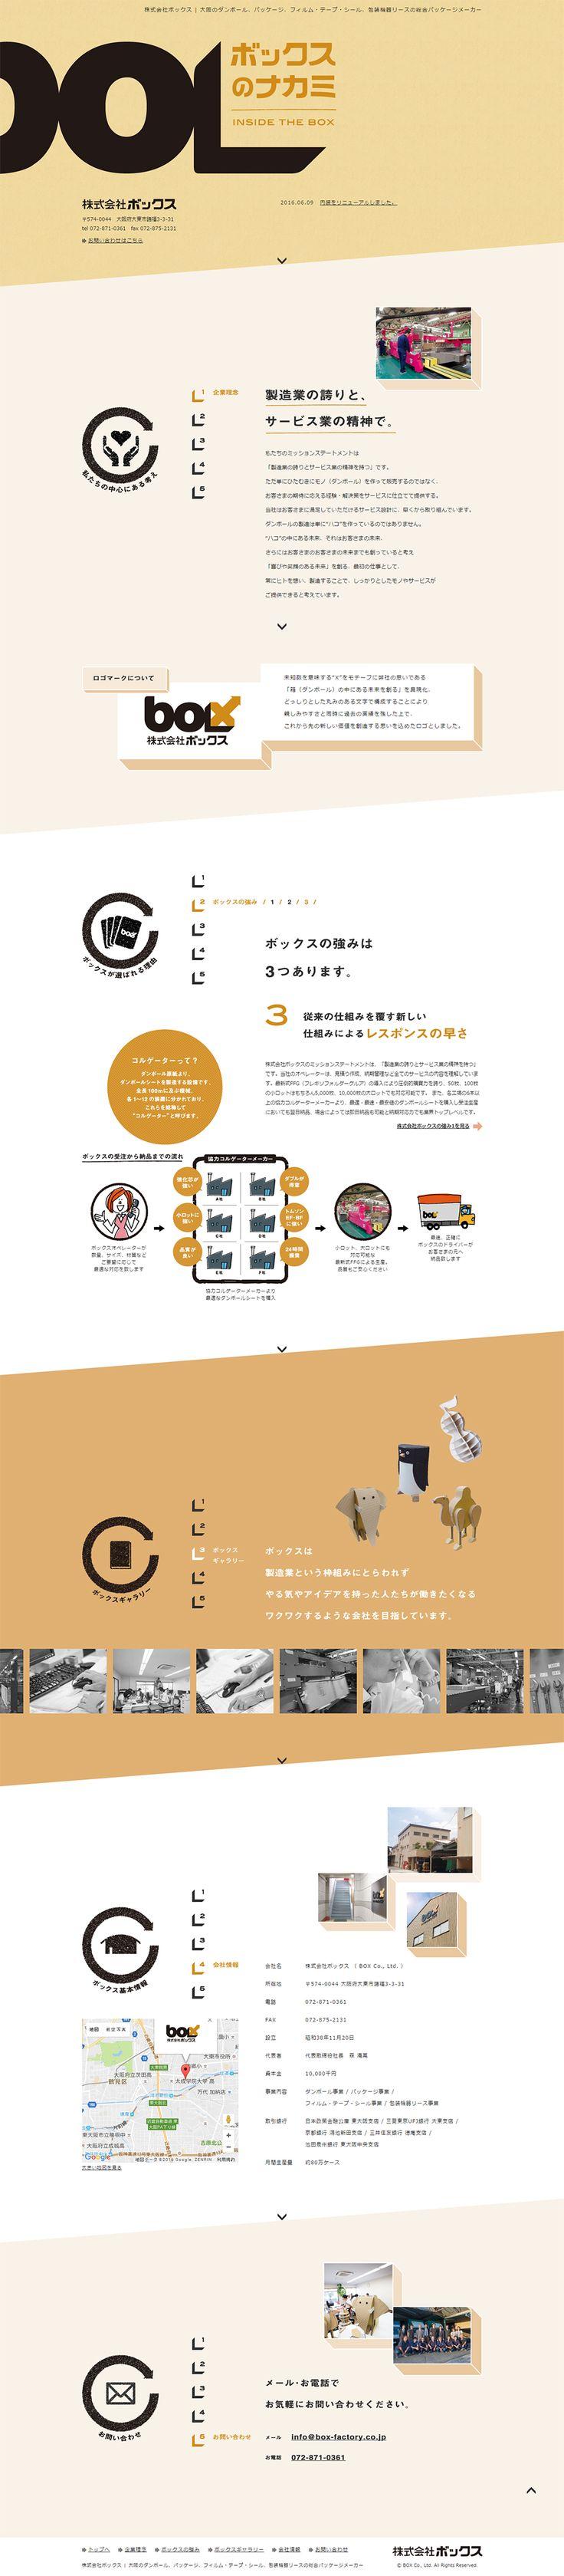 大阪のダンボール、パッケージ、包装機器リースの総合パッケージメーカー【関連】のLPデザイン。WEBデザイナーさん必見!ランディングページのデザイン参考に(シンプル系)